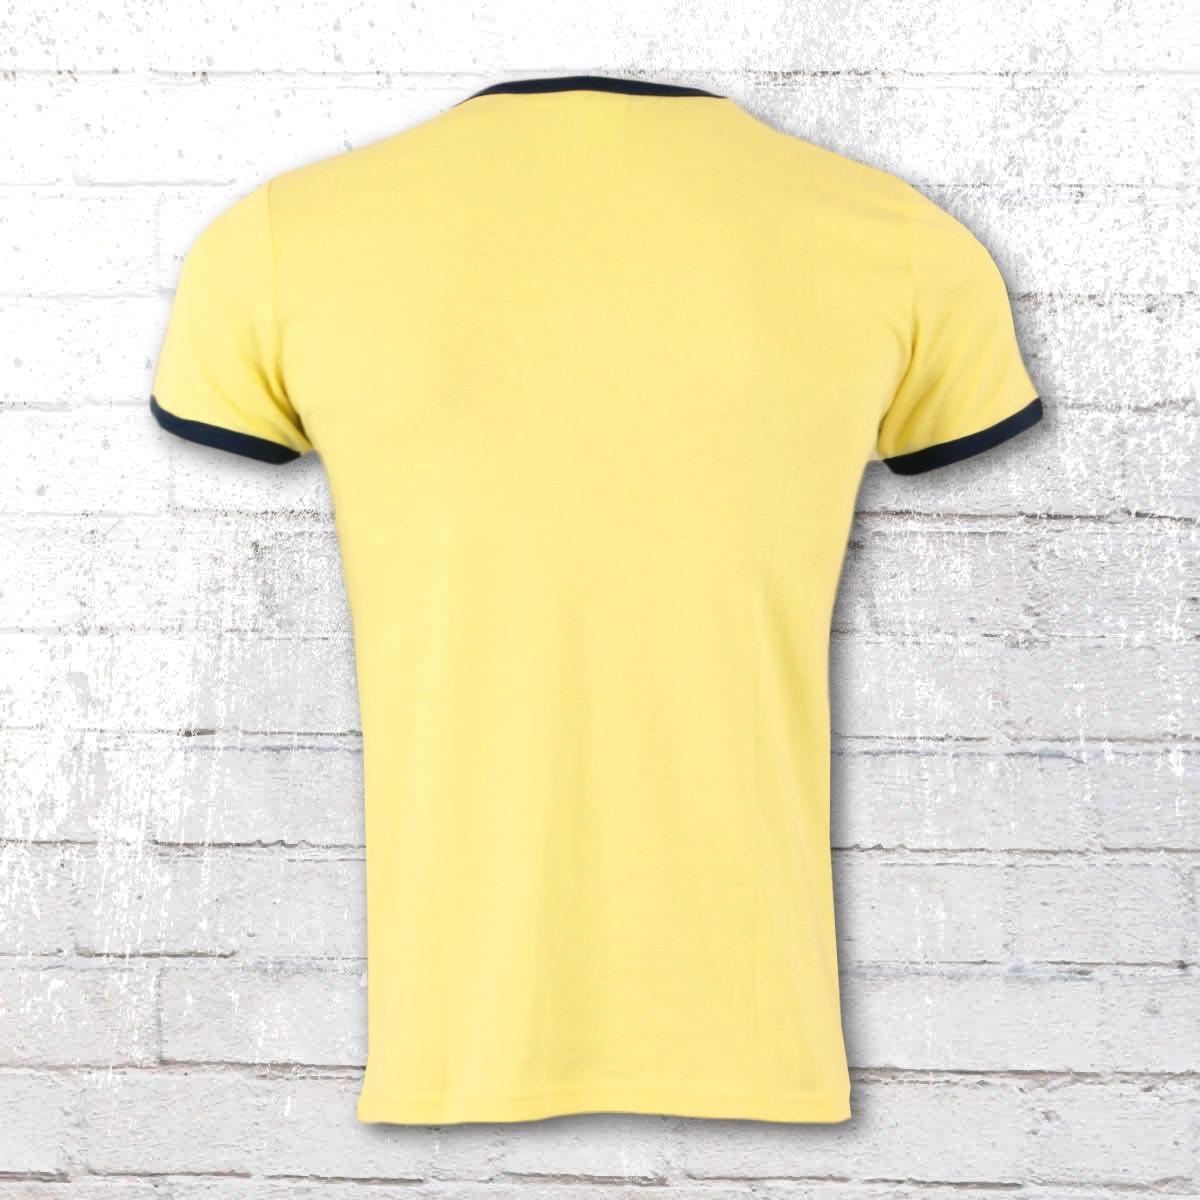 f5f88292df Logoshirt T-Shirt Men Der Kleine Maulwurf almost white navy 24,95 €. Close.  Logoshirt Male T-Shirt Sesame Street Ernie and Bert ...